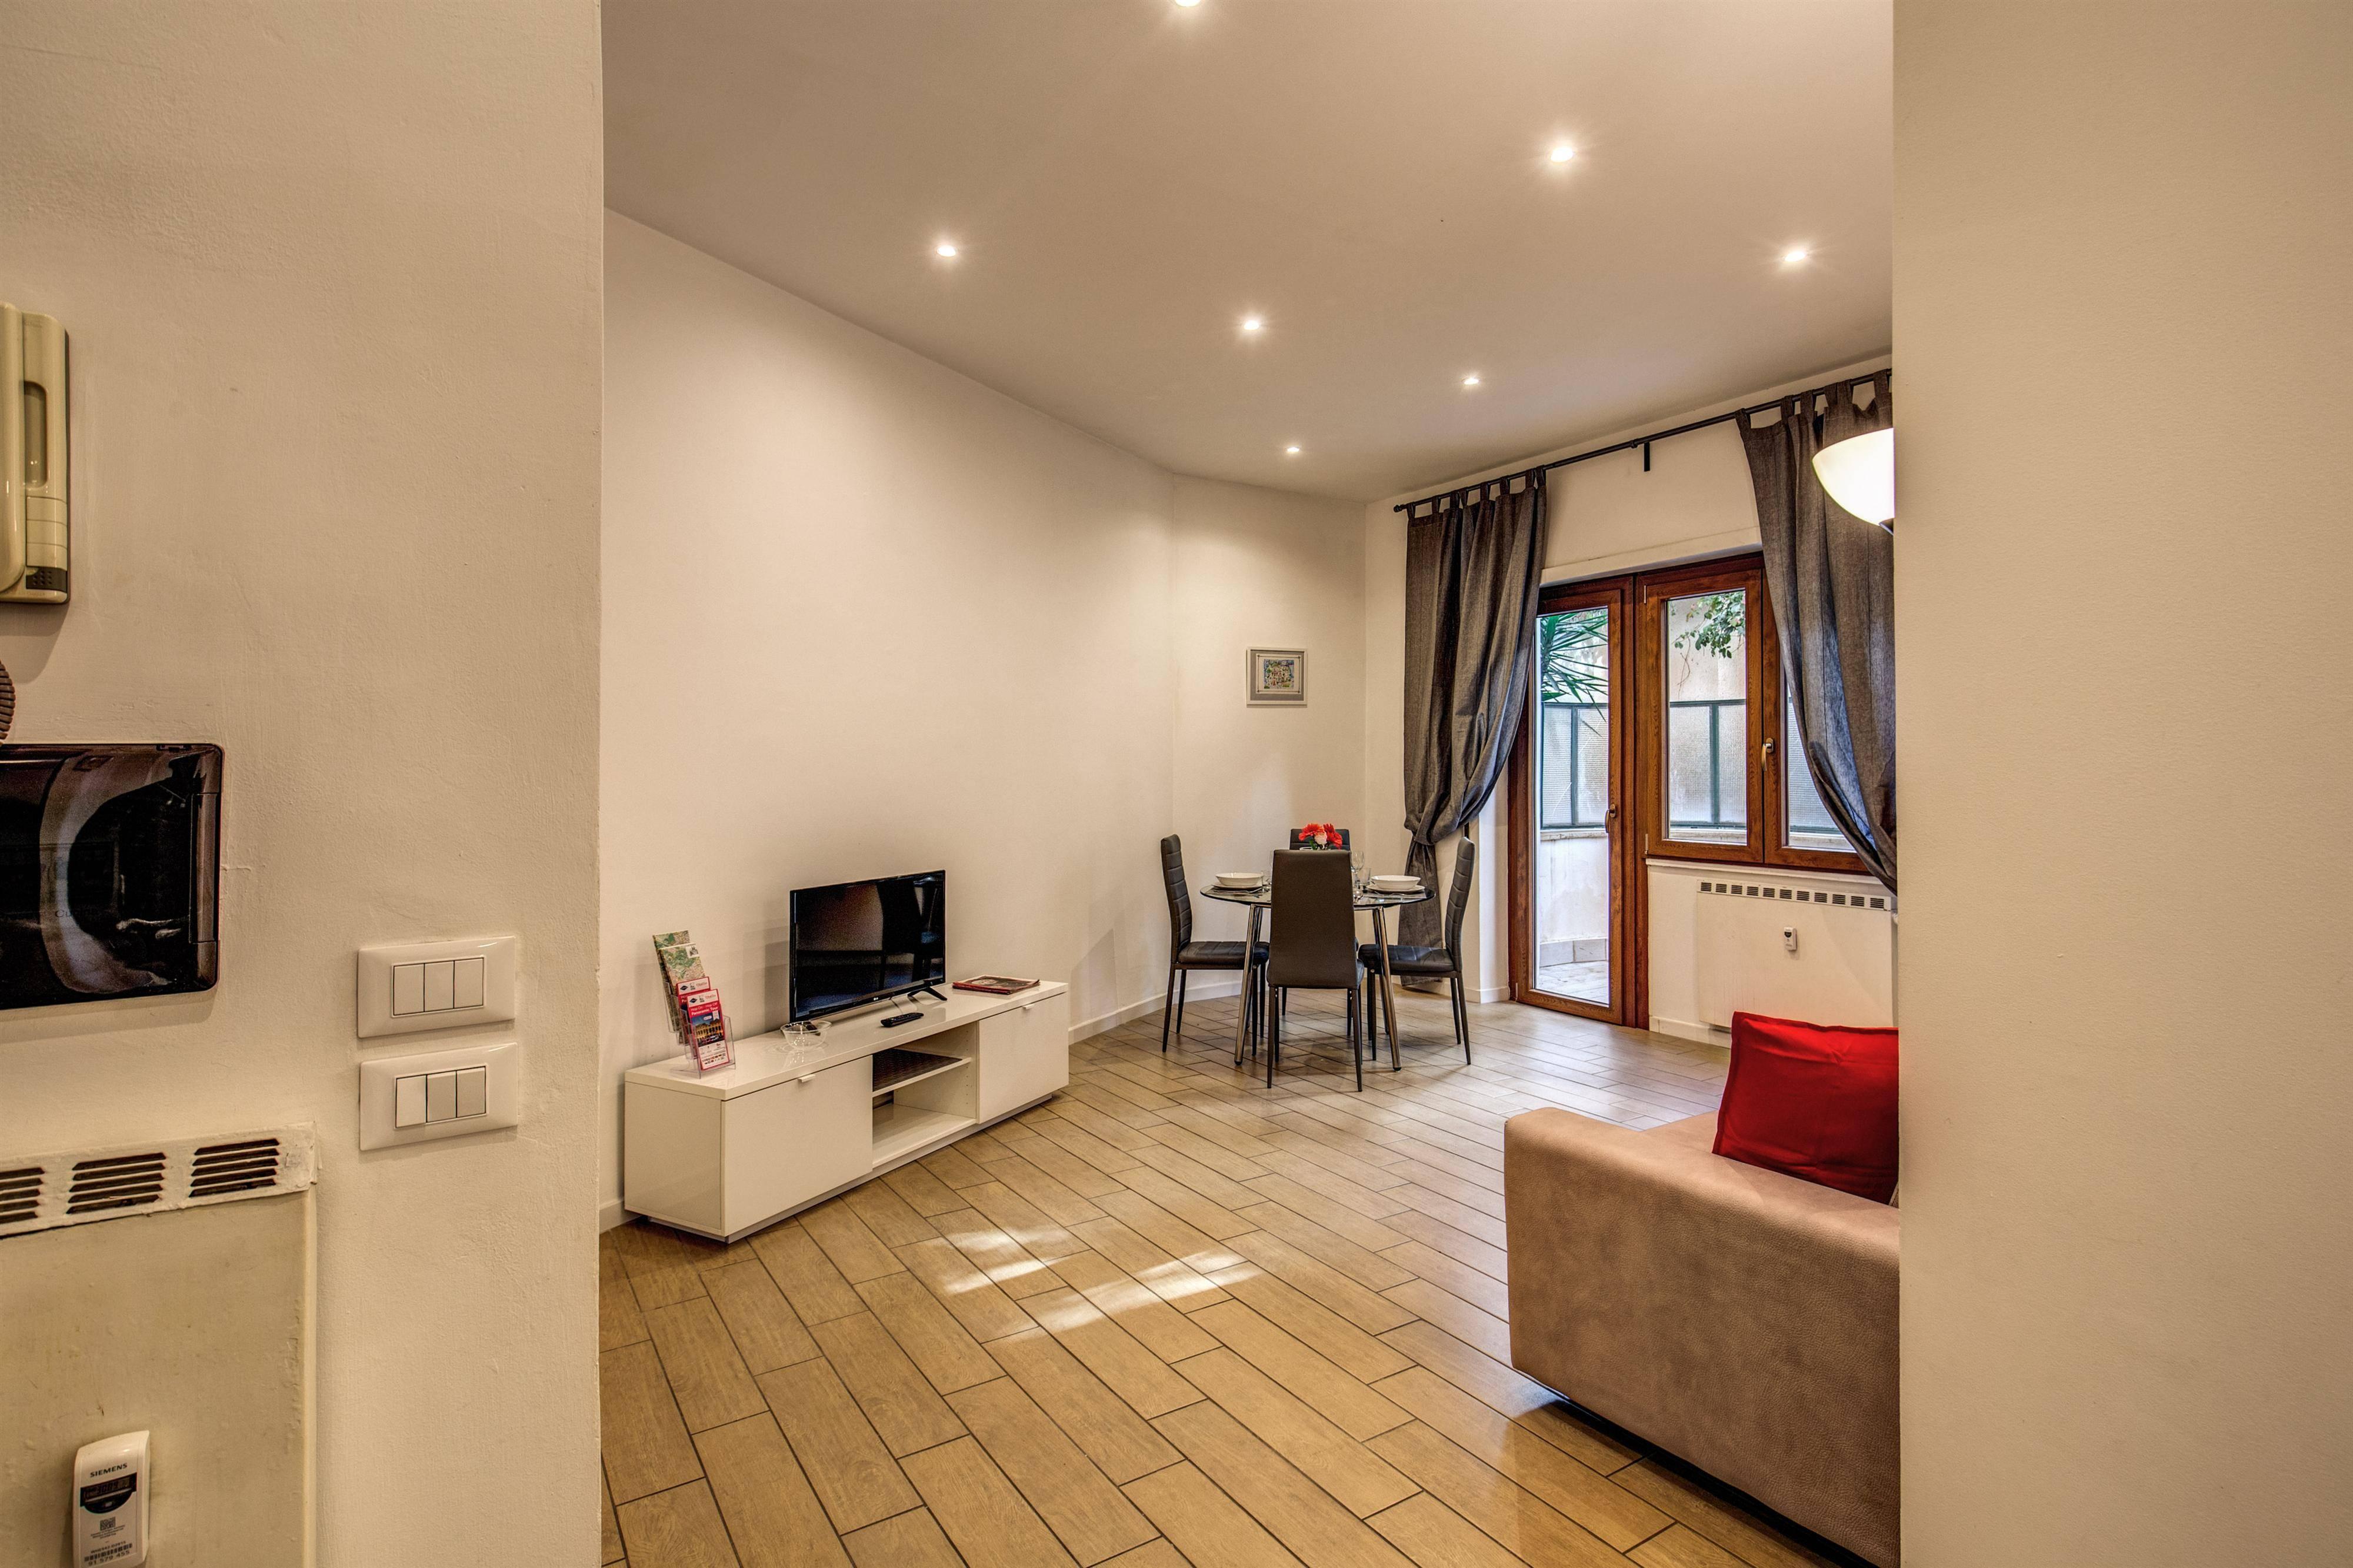 Снять квартиру в риме, италия - советы путешественникам по аренде апартаментов